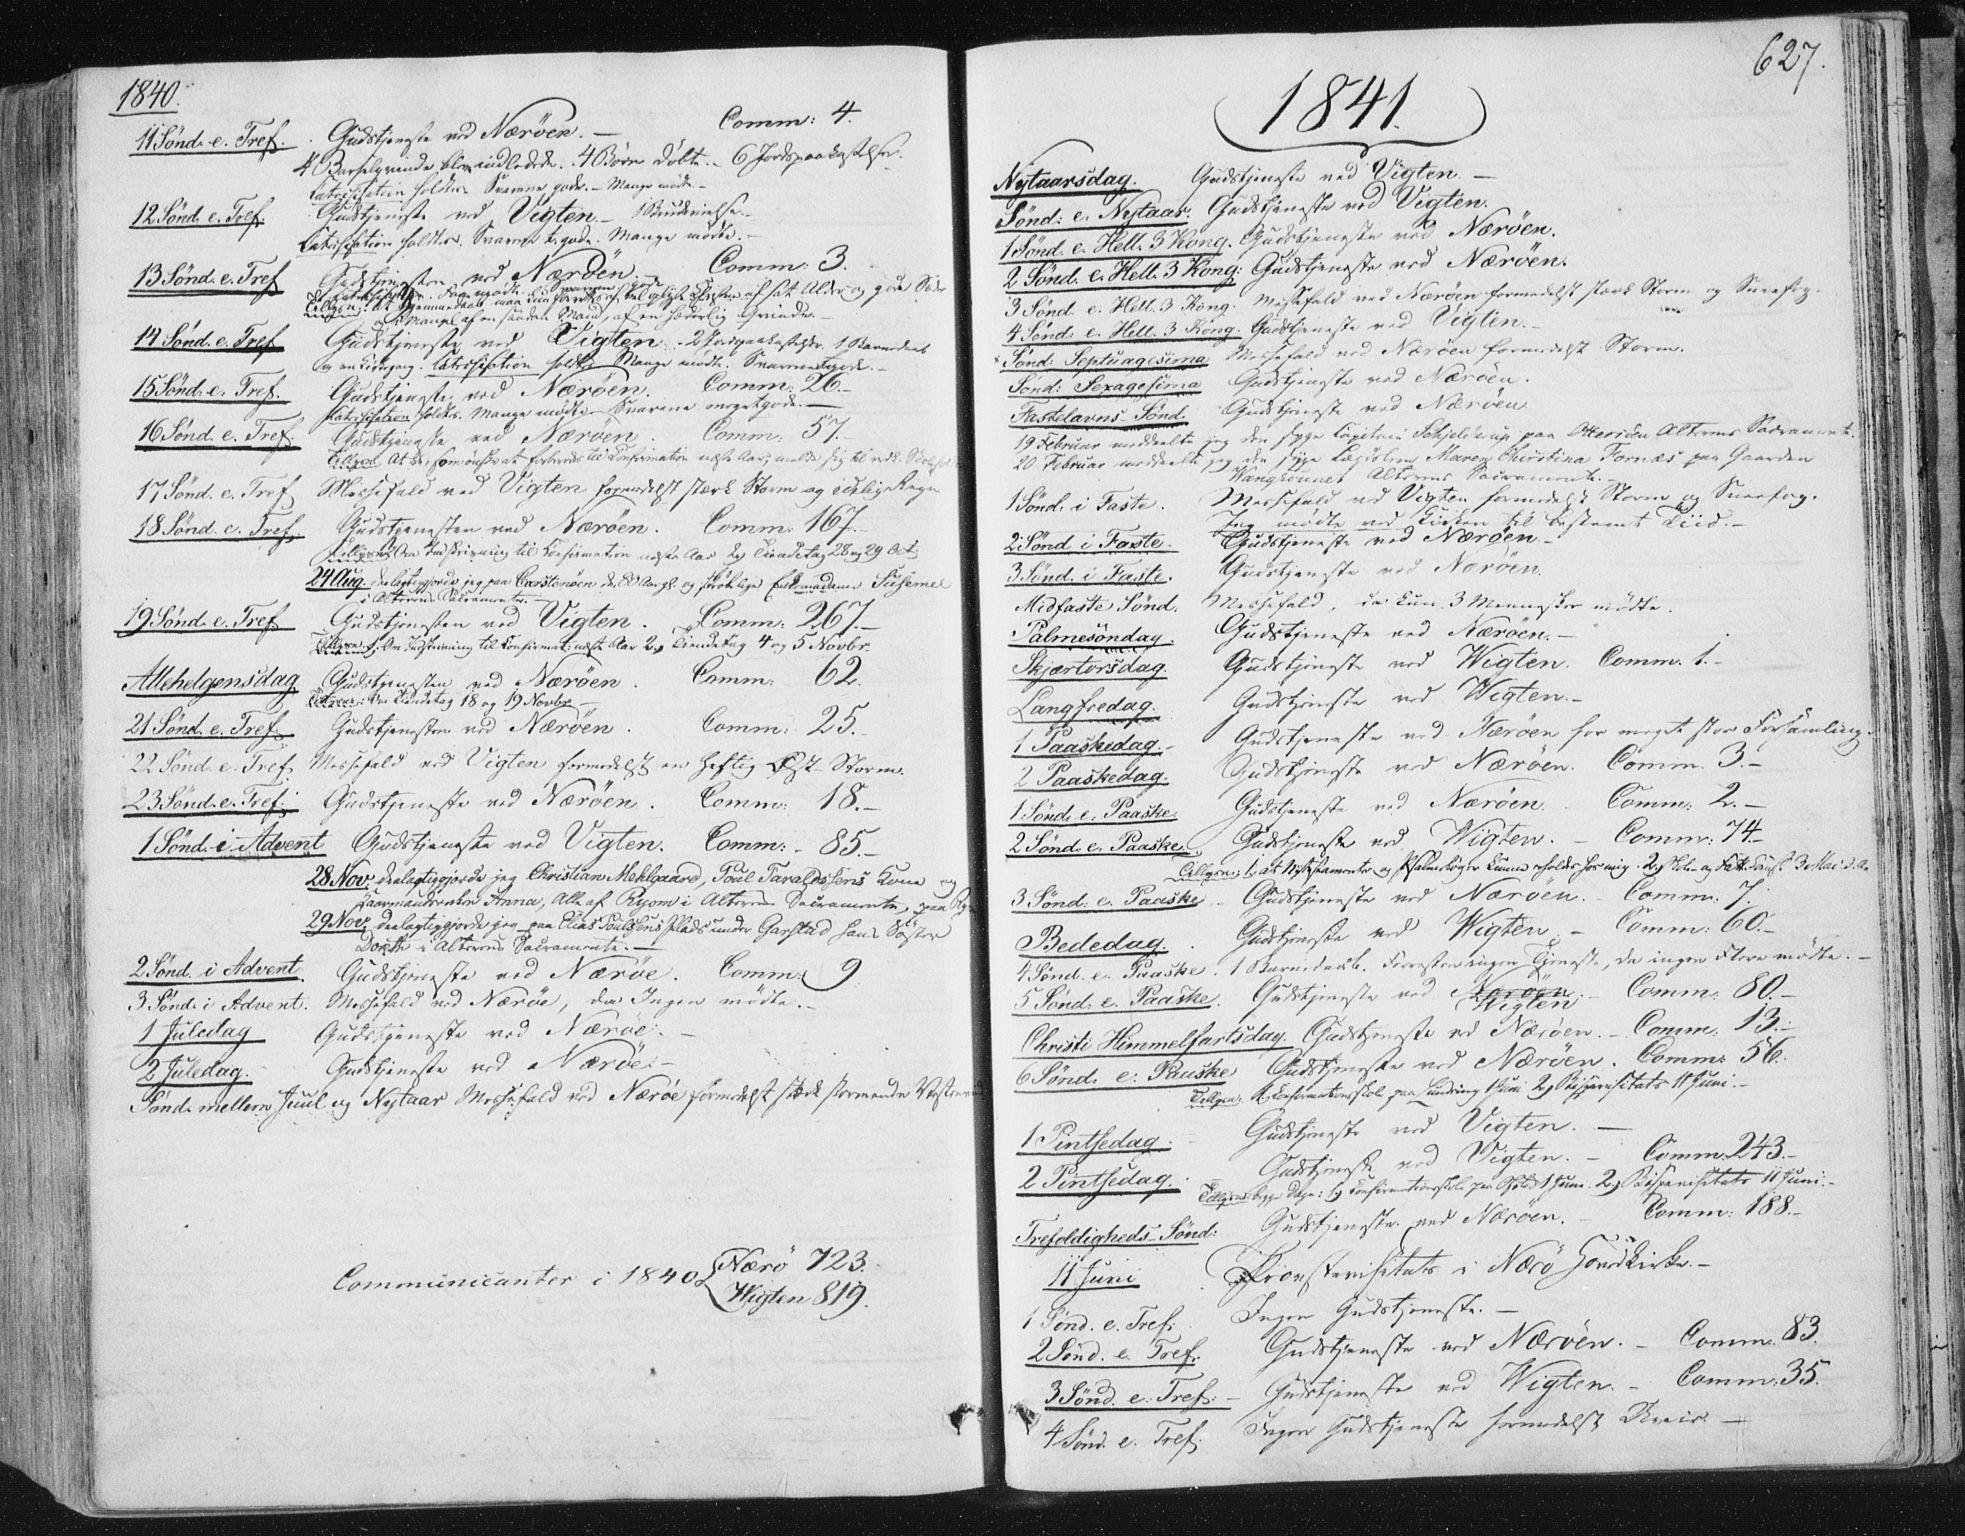 SAT, Ministerialprotokoller, klokkerbøker og fødselsregistre - Nord-Trøndelag, 784/L0669: Ministerialbok nr. 784A04, 1829-1859, s. 627